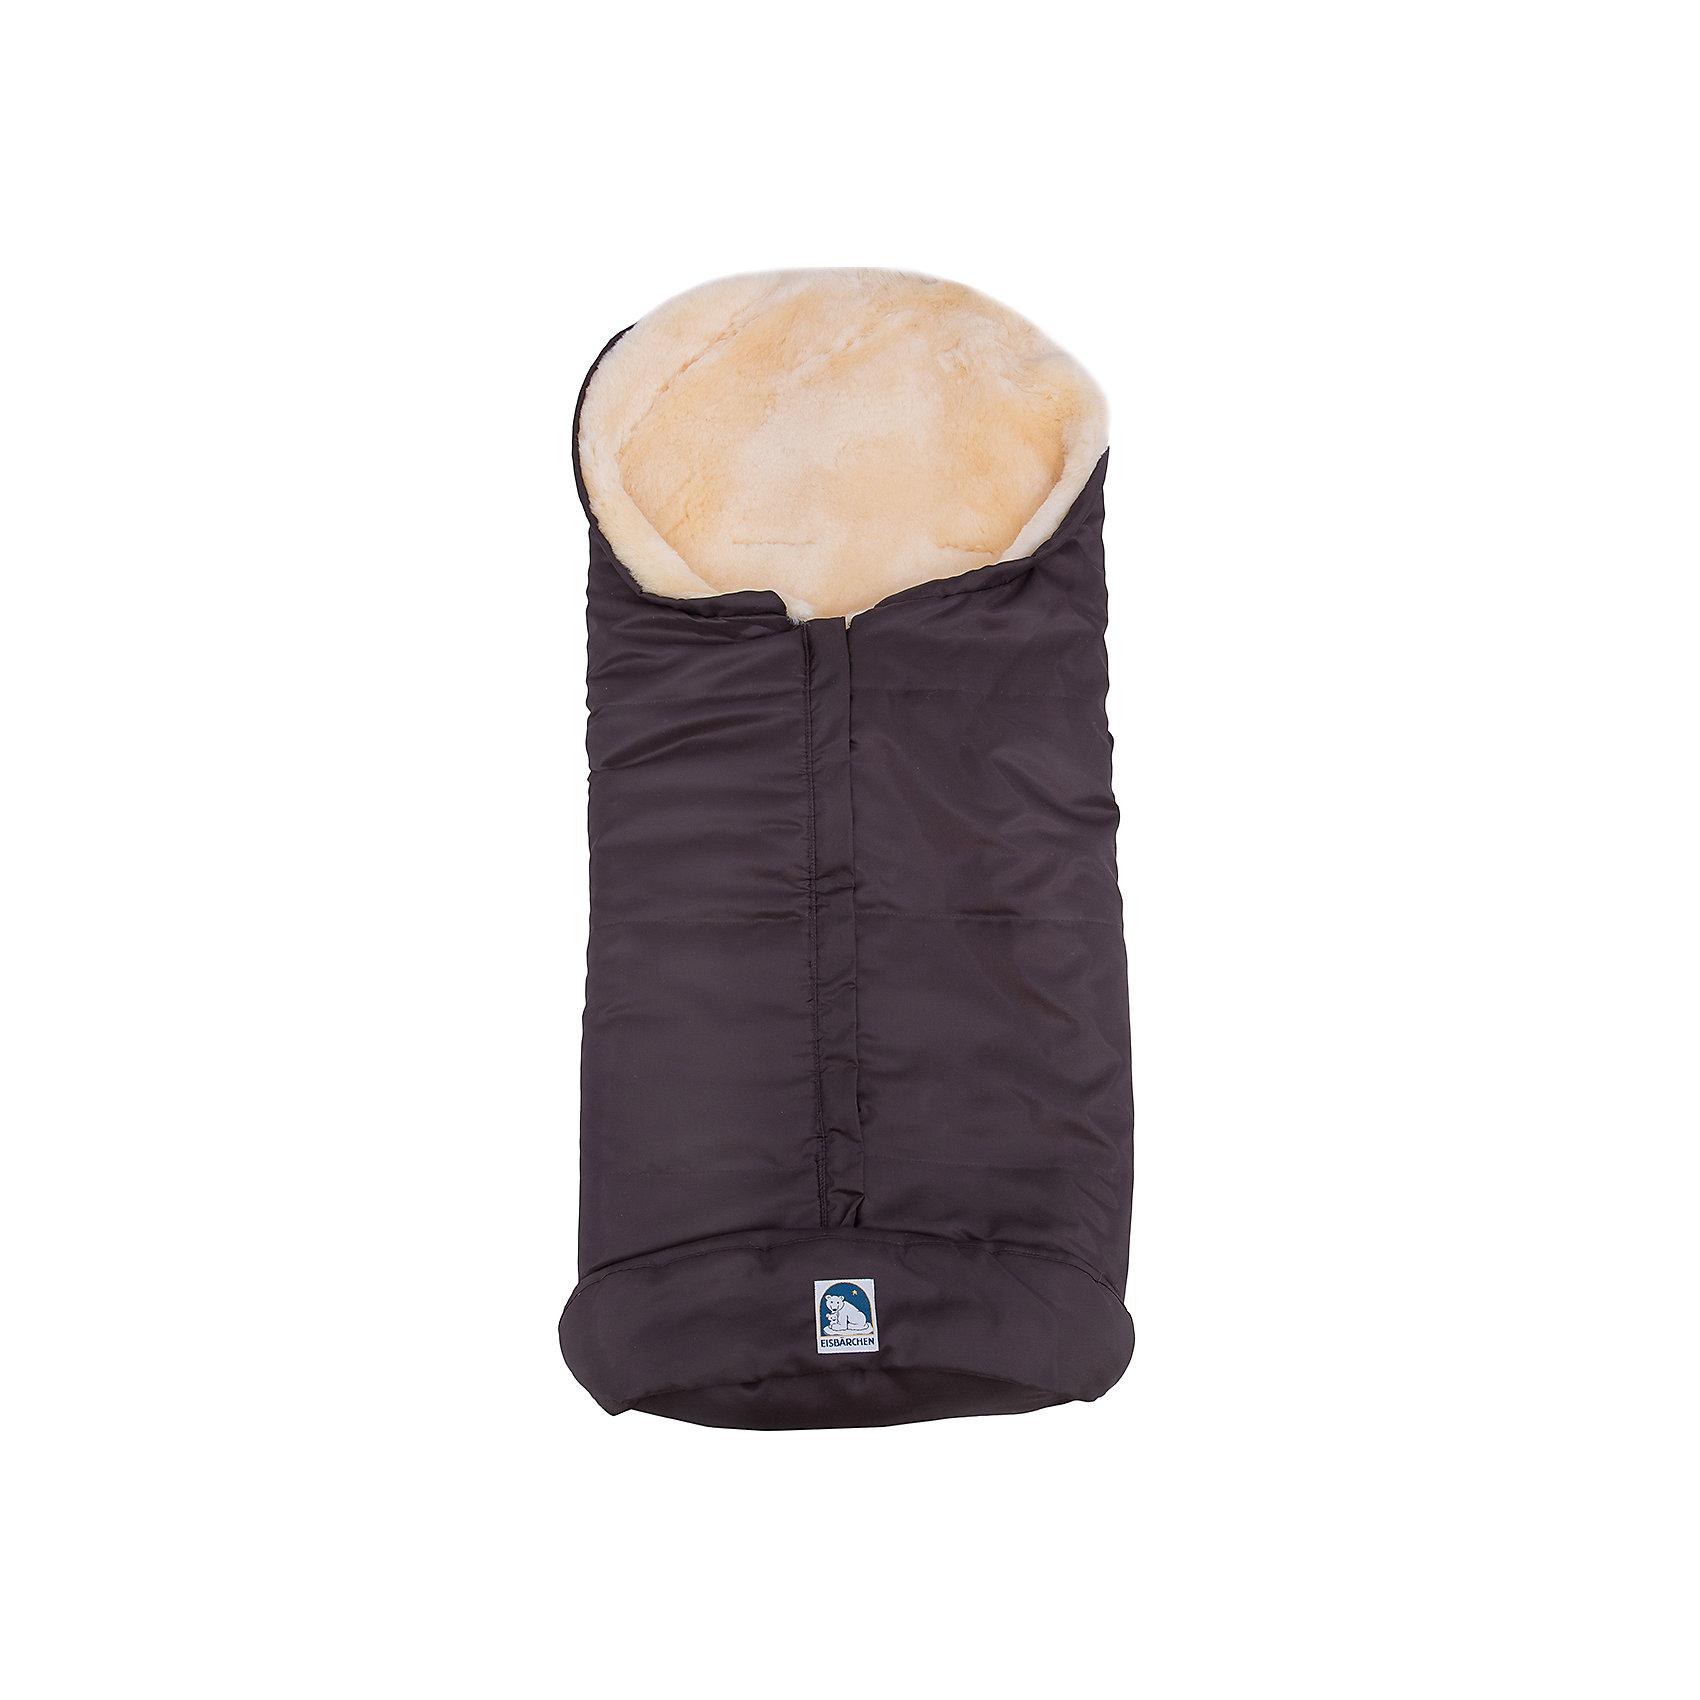 Конверт 975 МО, Heitmann Felle, моккаЗимние конверты<br>Меховой конверт Heitmann Felle предназначен для прогулок с малышом, в том числе, в коляске и автокресле. Овчина внутри конверта имеет высоту в 30 мм и прекрасно сохранит тепло и уют для крохи. Материалы, из которых изготовлен конверт, гипоаллергенны и водонепроницаемы. Удобно застегивается с помощью двухсторонней молнии.  Для безопасных прогулок в коляске предусмотрены прорези для пятиточечных ремней безопасности. Конверт можно стирать при температуре 30°. Подарите крохе тепло и комфорт с конвертом Heitmann Felle!<br><br>Дополнительная информация:<br>-антиаллергенный материал<br>-верх отстегивается<br>-двухсторонняя молния<br><br>Материал: овчина, ткань<br>Размер: 90х45 см<br>Вес: 3 кг<br>Цвет: мокка<br>Вы можете приобрести конверт Heitmann Felle в нашем интернет-магазине.<br><br>Ширина мм: 860<br>Глубина мм: 490<br>Высота мм: 100<br>Вес г: 2000<br>Возраст от месяцев: 0<br>Возраст до месяцев: 12<br>Пол: Унисекс<br>Возраст: Детский<br>SKU: 4977810